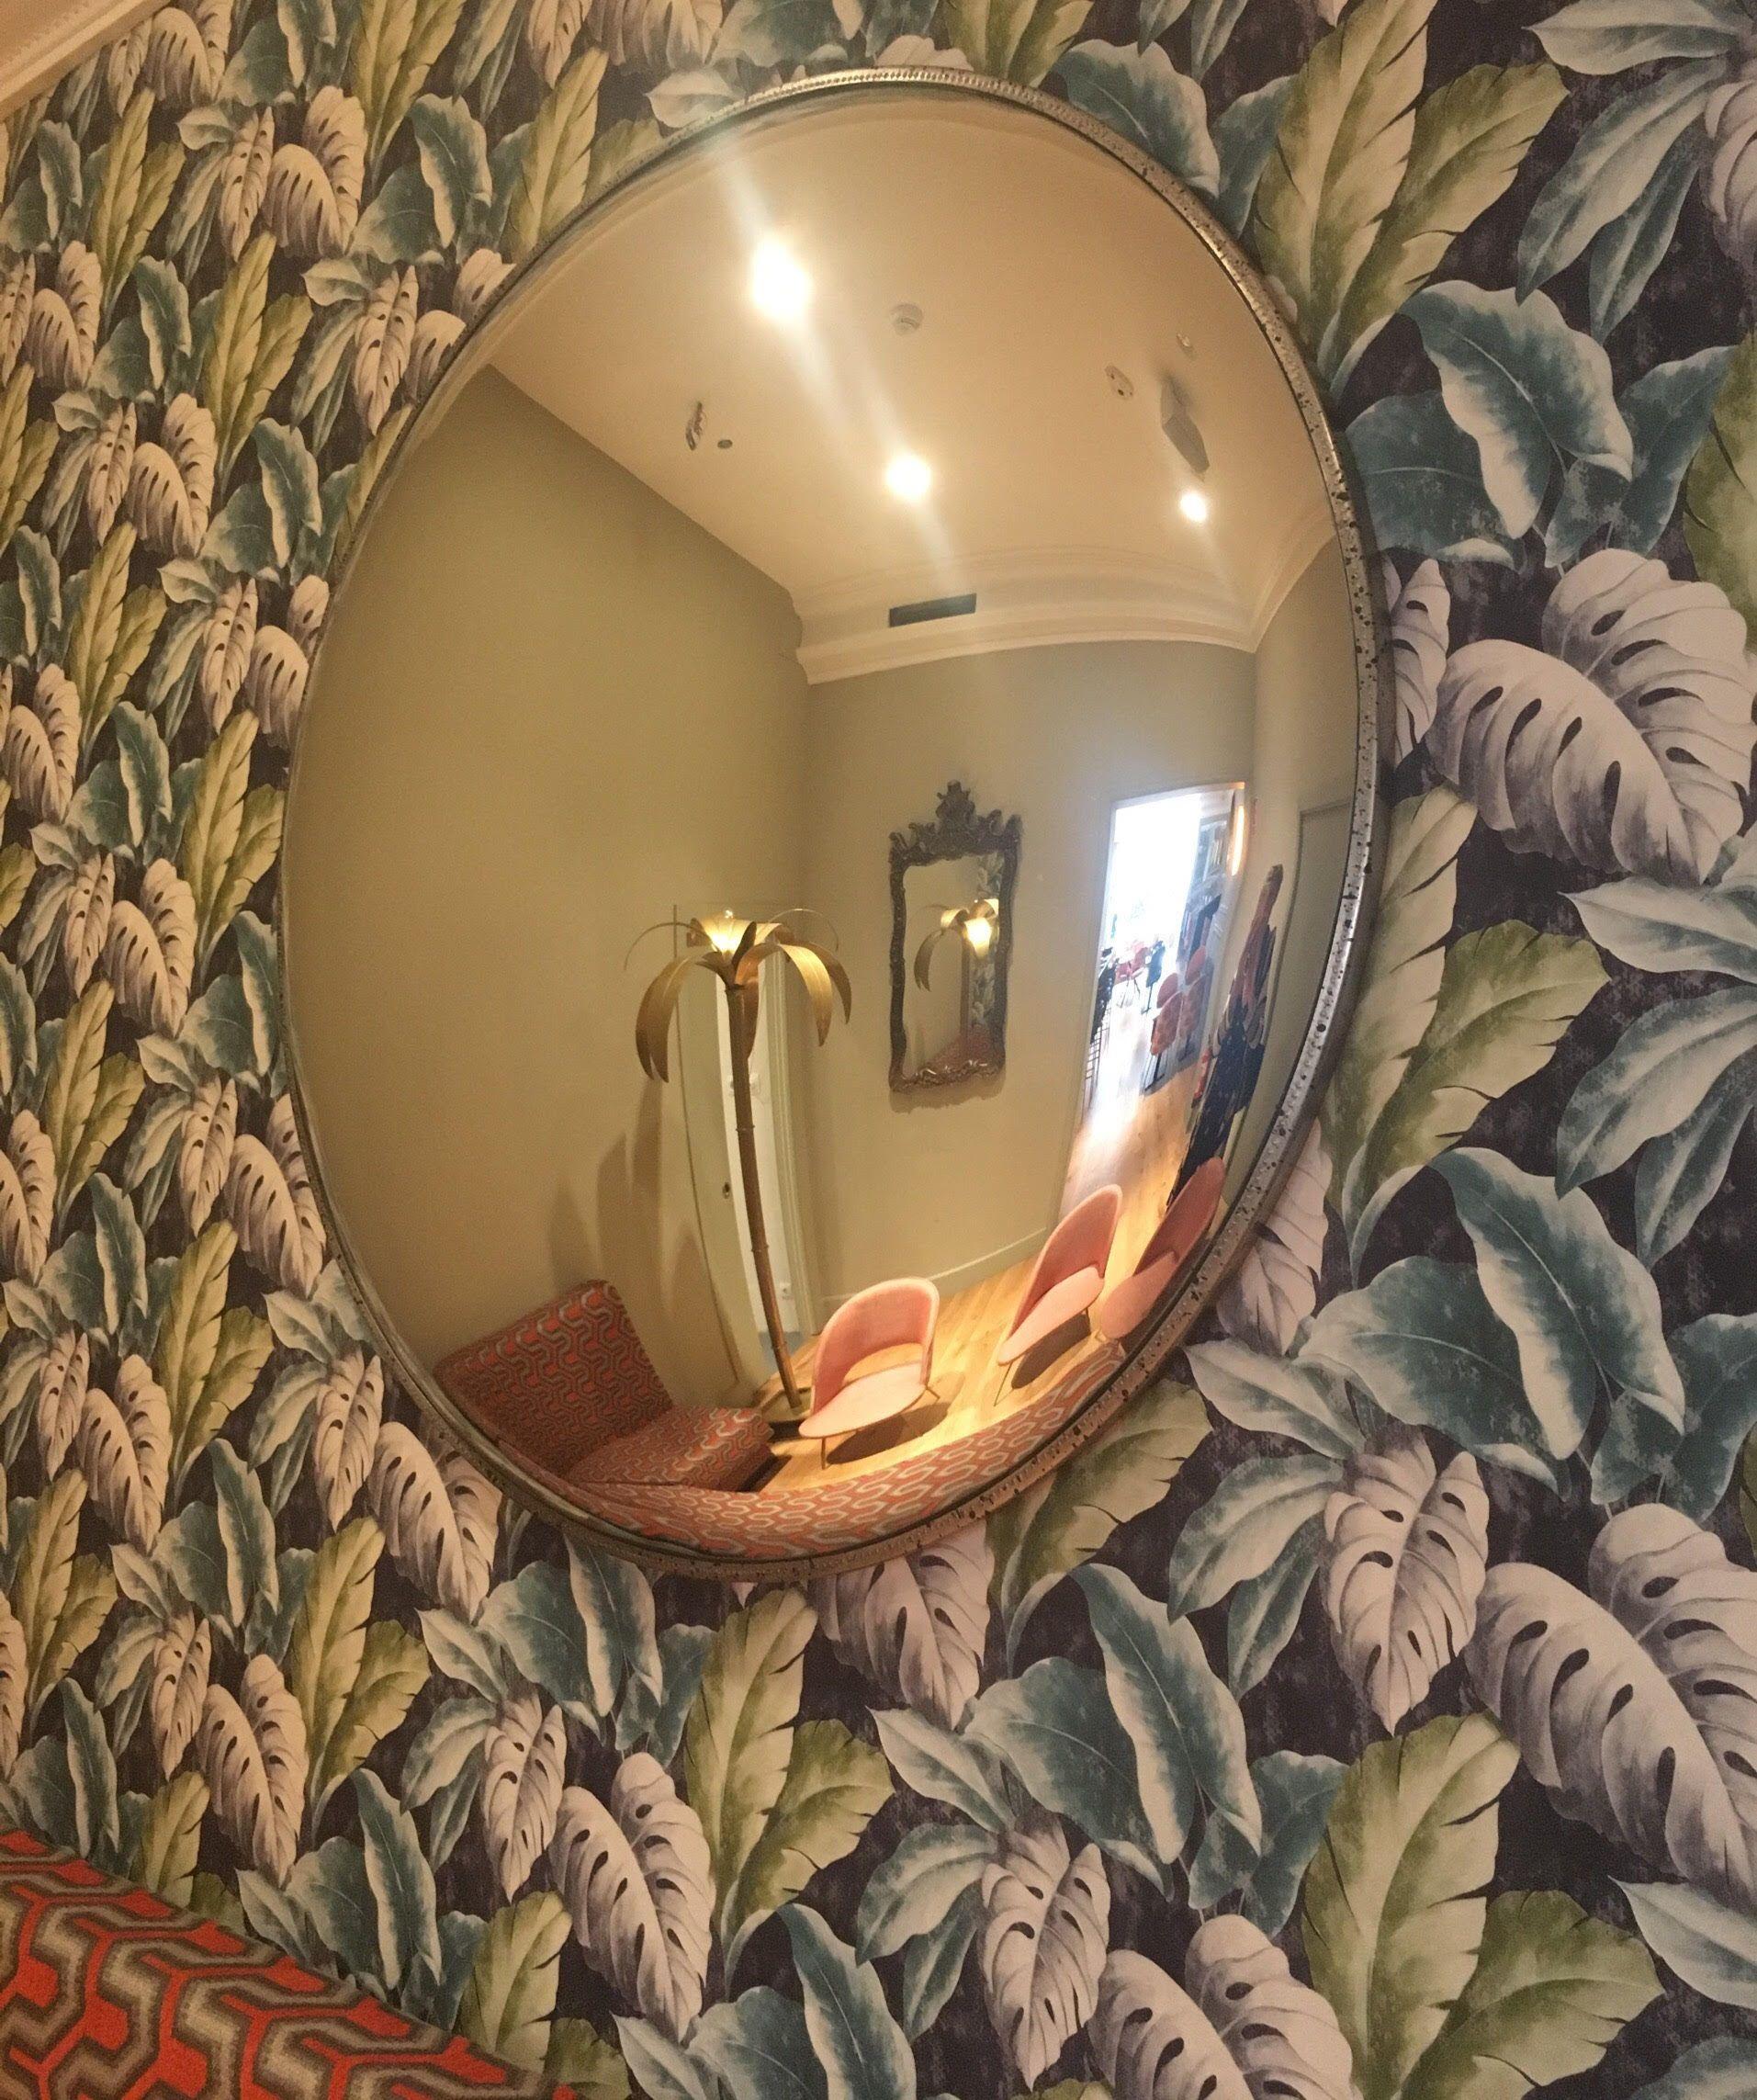 Pin De Gerencia En Espejo Convexo Espejo Convexo Espejos